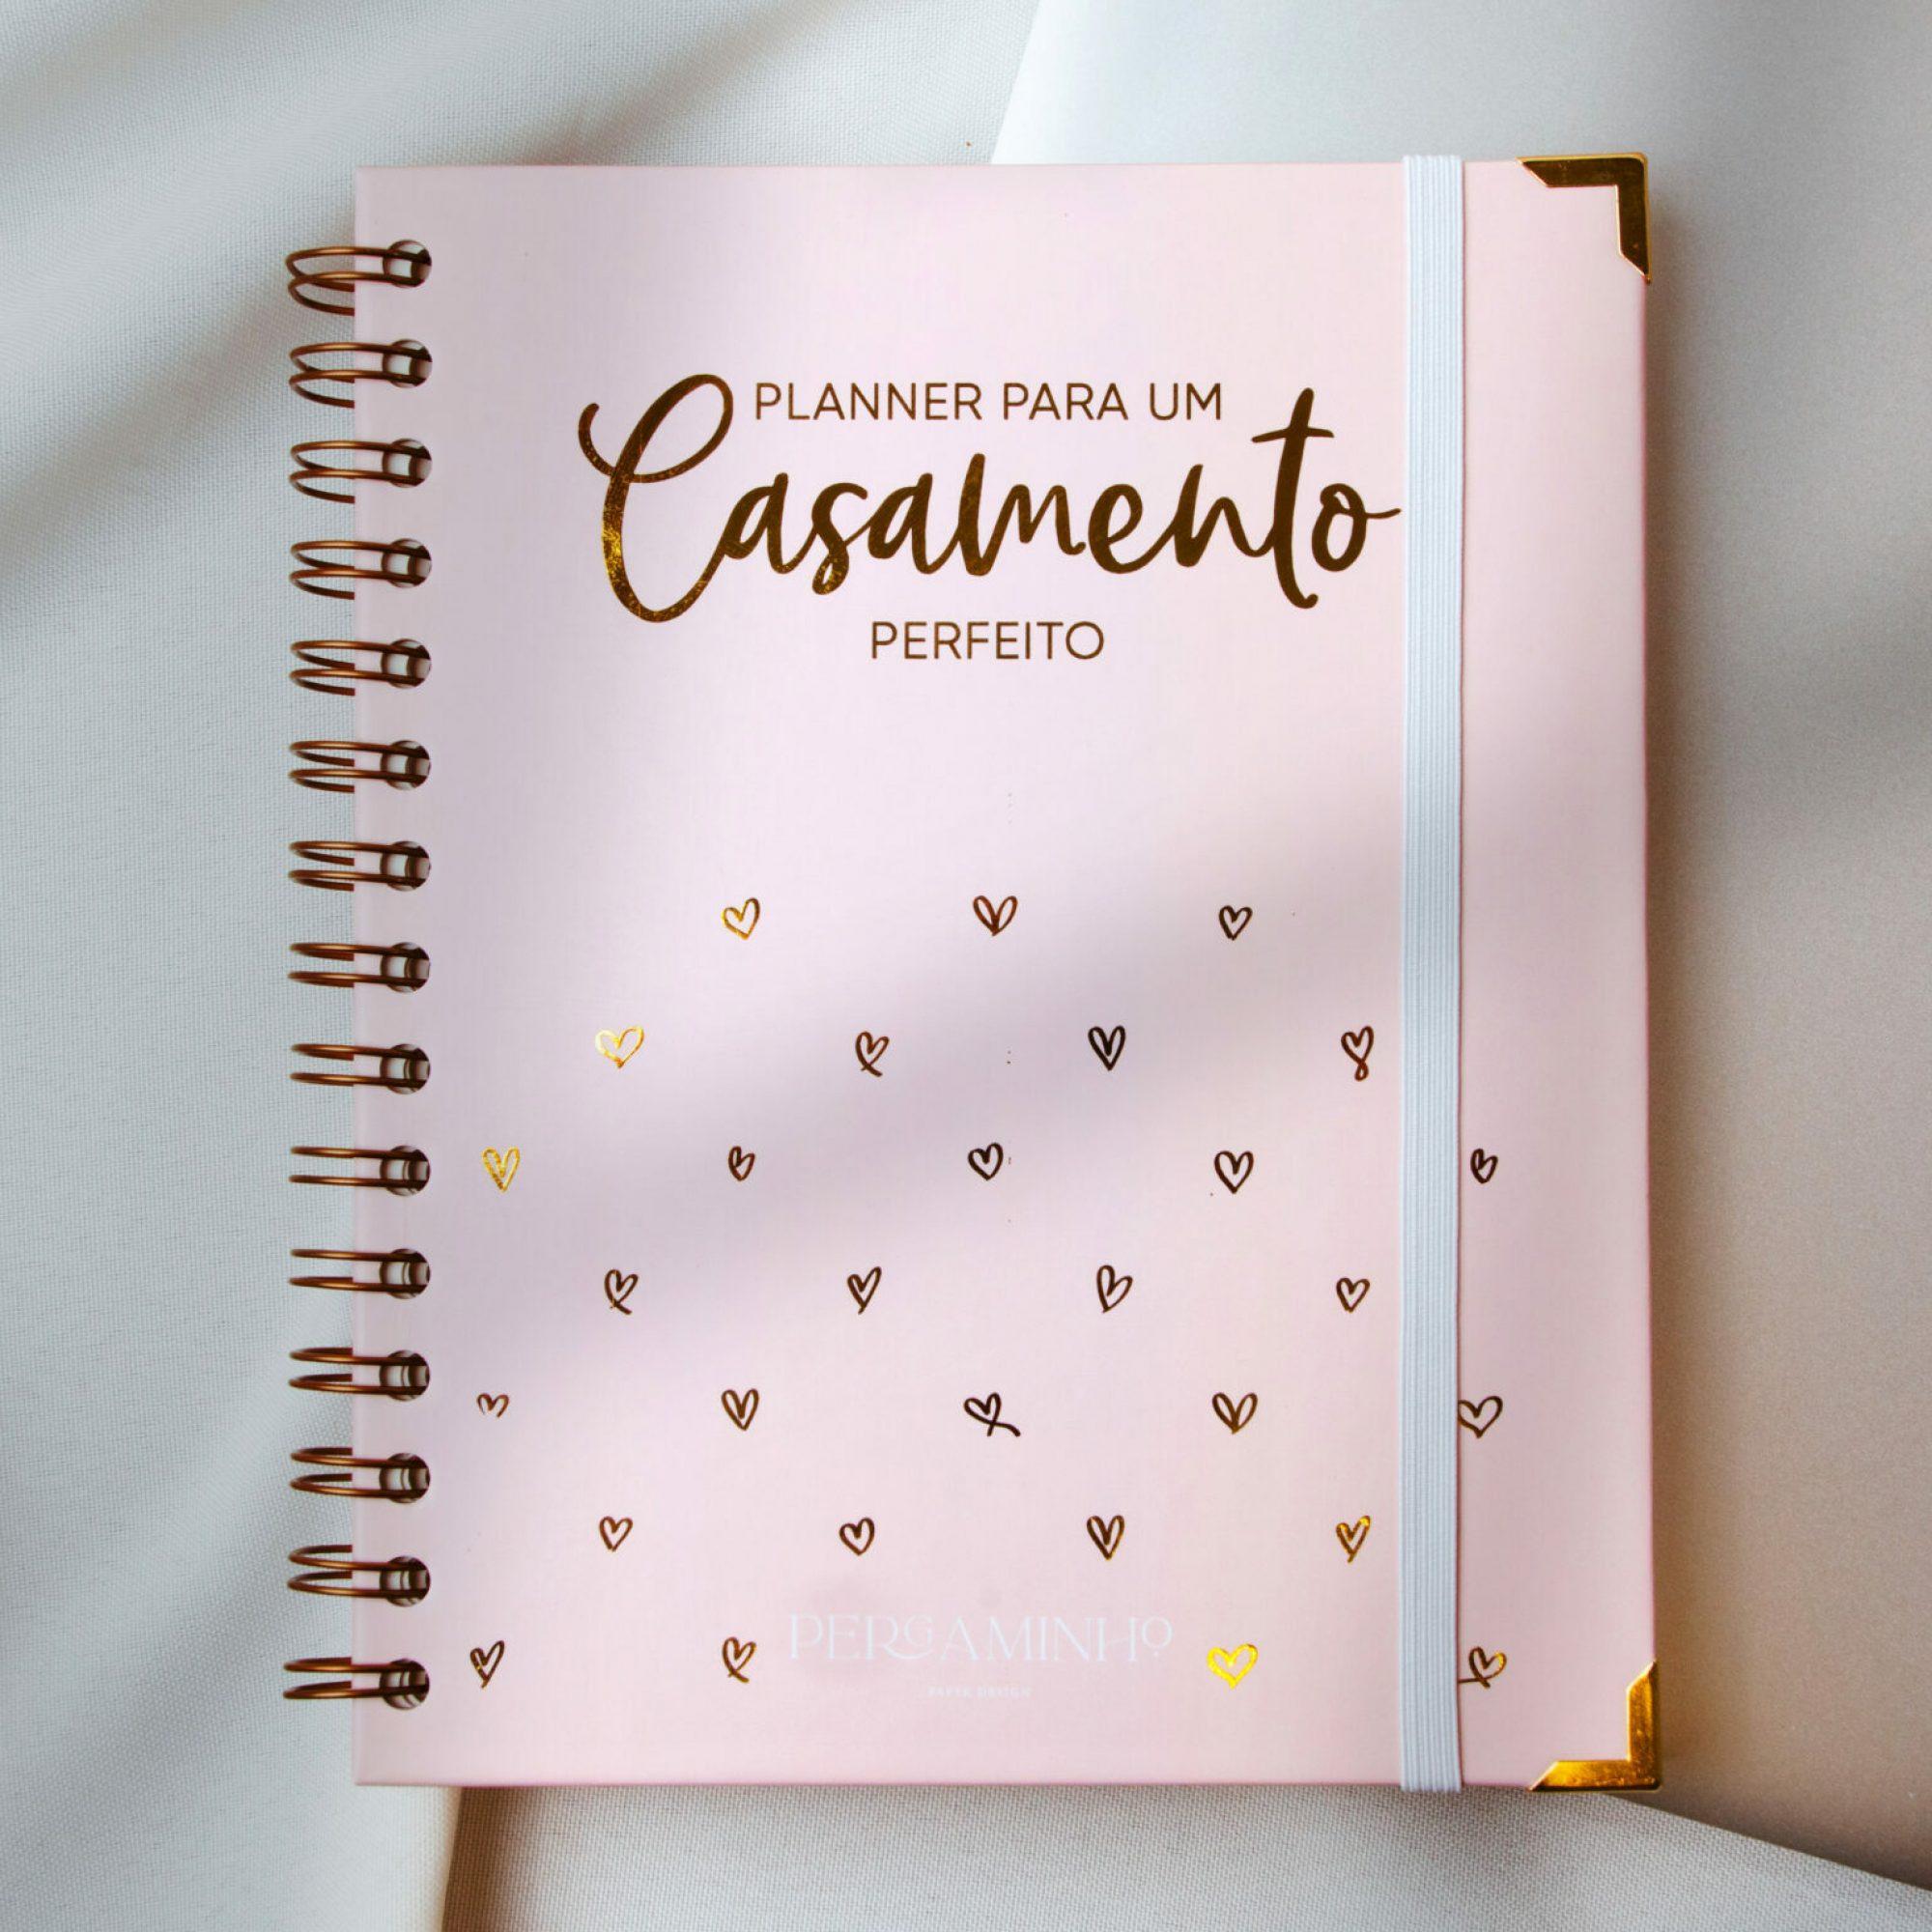 Agenda da noiva cor de roza com palavras em foil dourado e fita branca